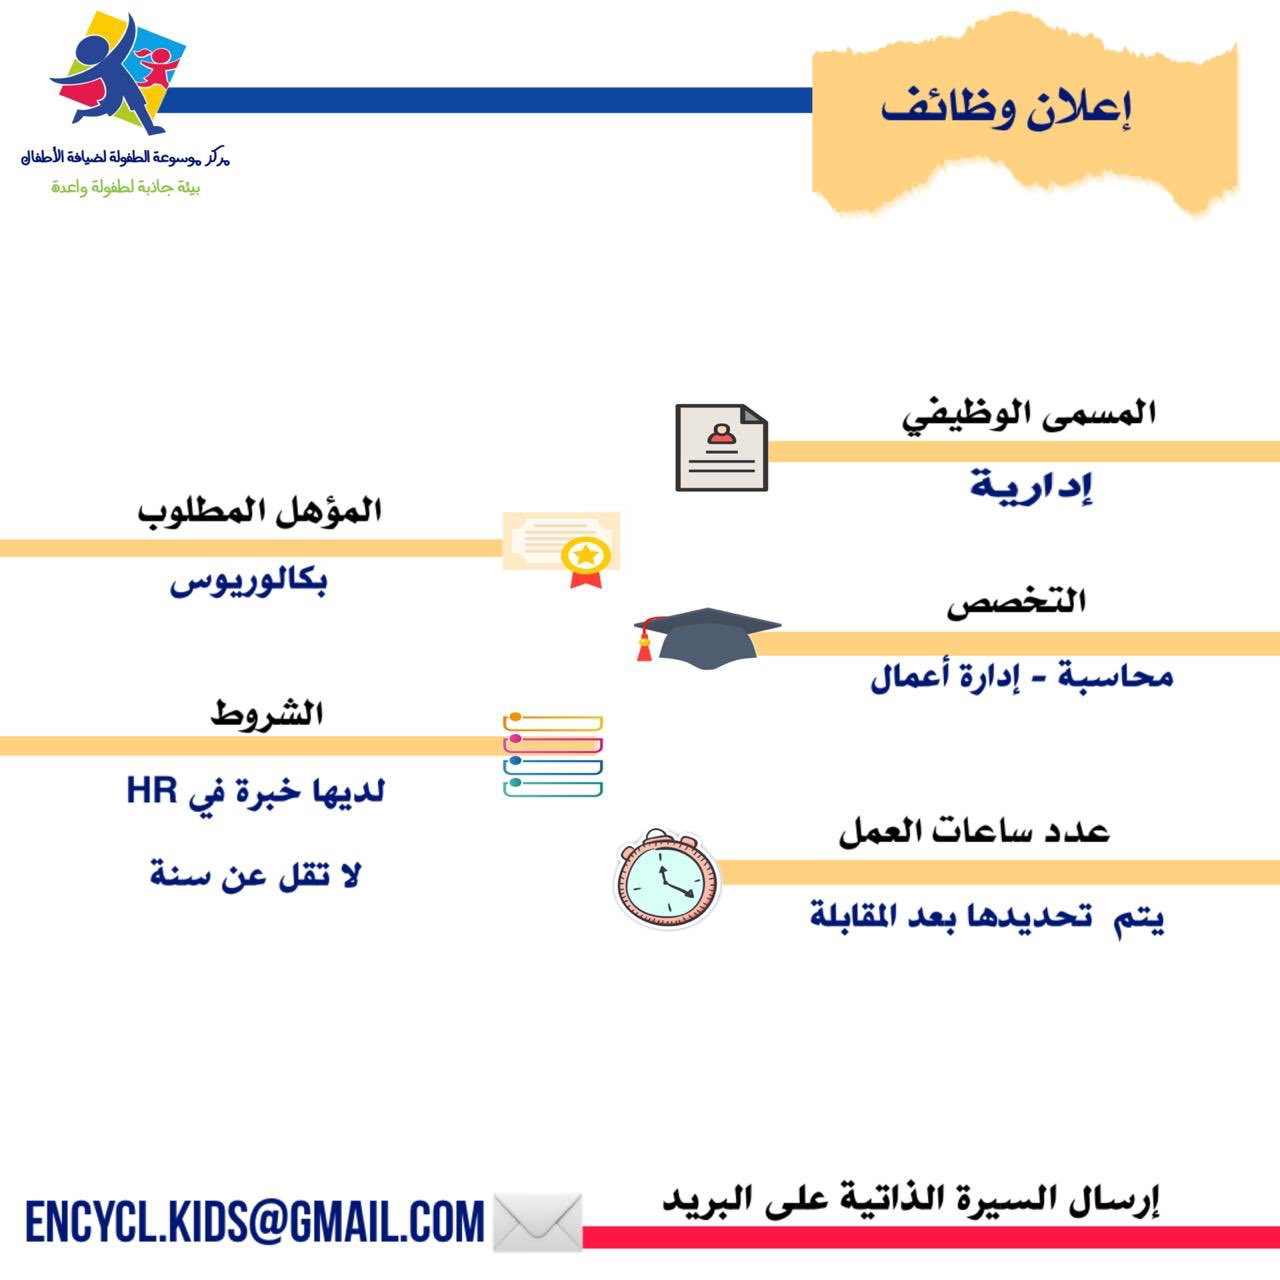 وظائف شاغرة للنساء فى مركز لضيافة الأطفال ب #الرياض   موظفة إدارية  معلمة منتسورى